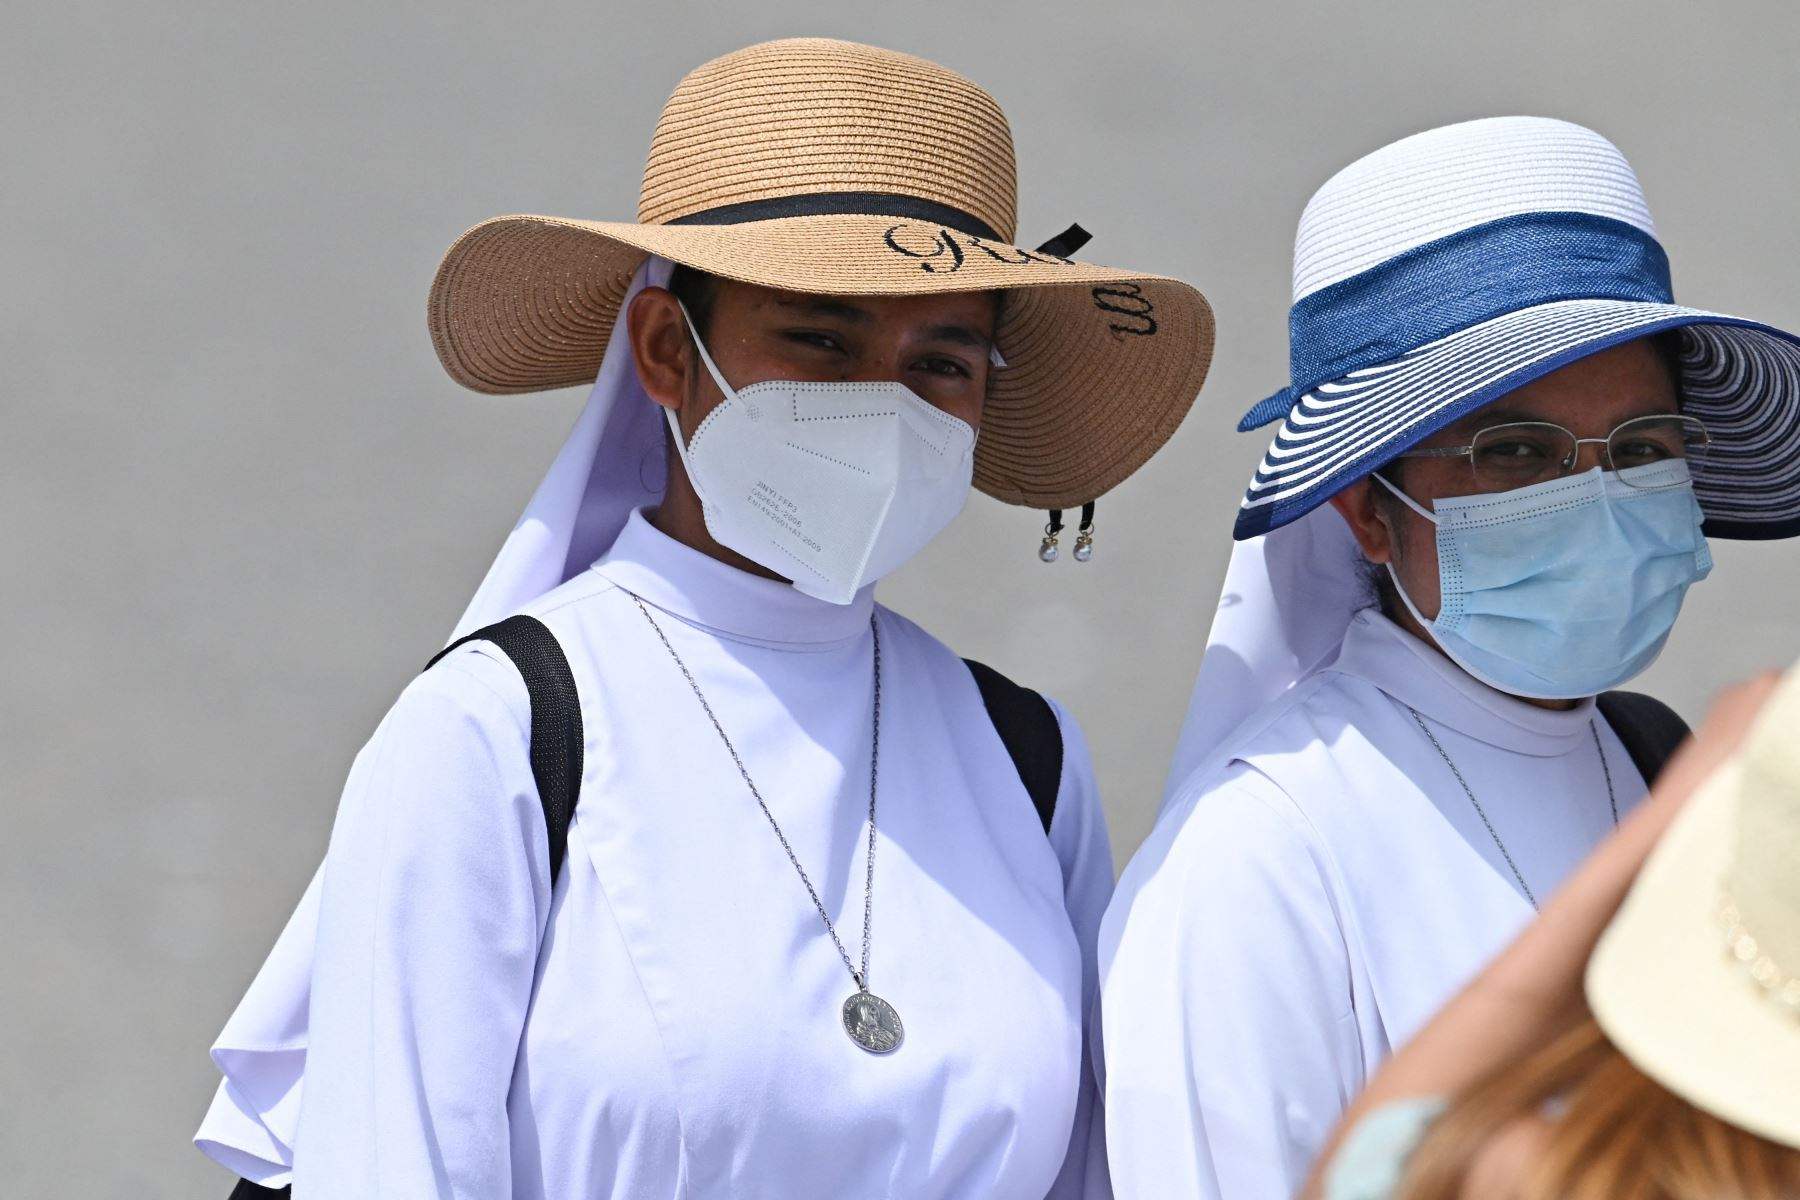 Las monjas usan máscaras faciales antes de que el Papa Francisco pronuncie la oración del Ángelus dominical desde la ventana de su estudio con vista a la Plaza de San Pedro en el Vaticano. Foto: AFP